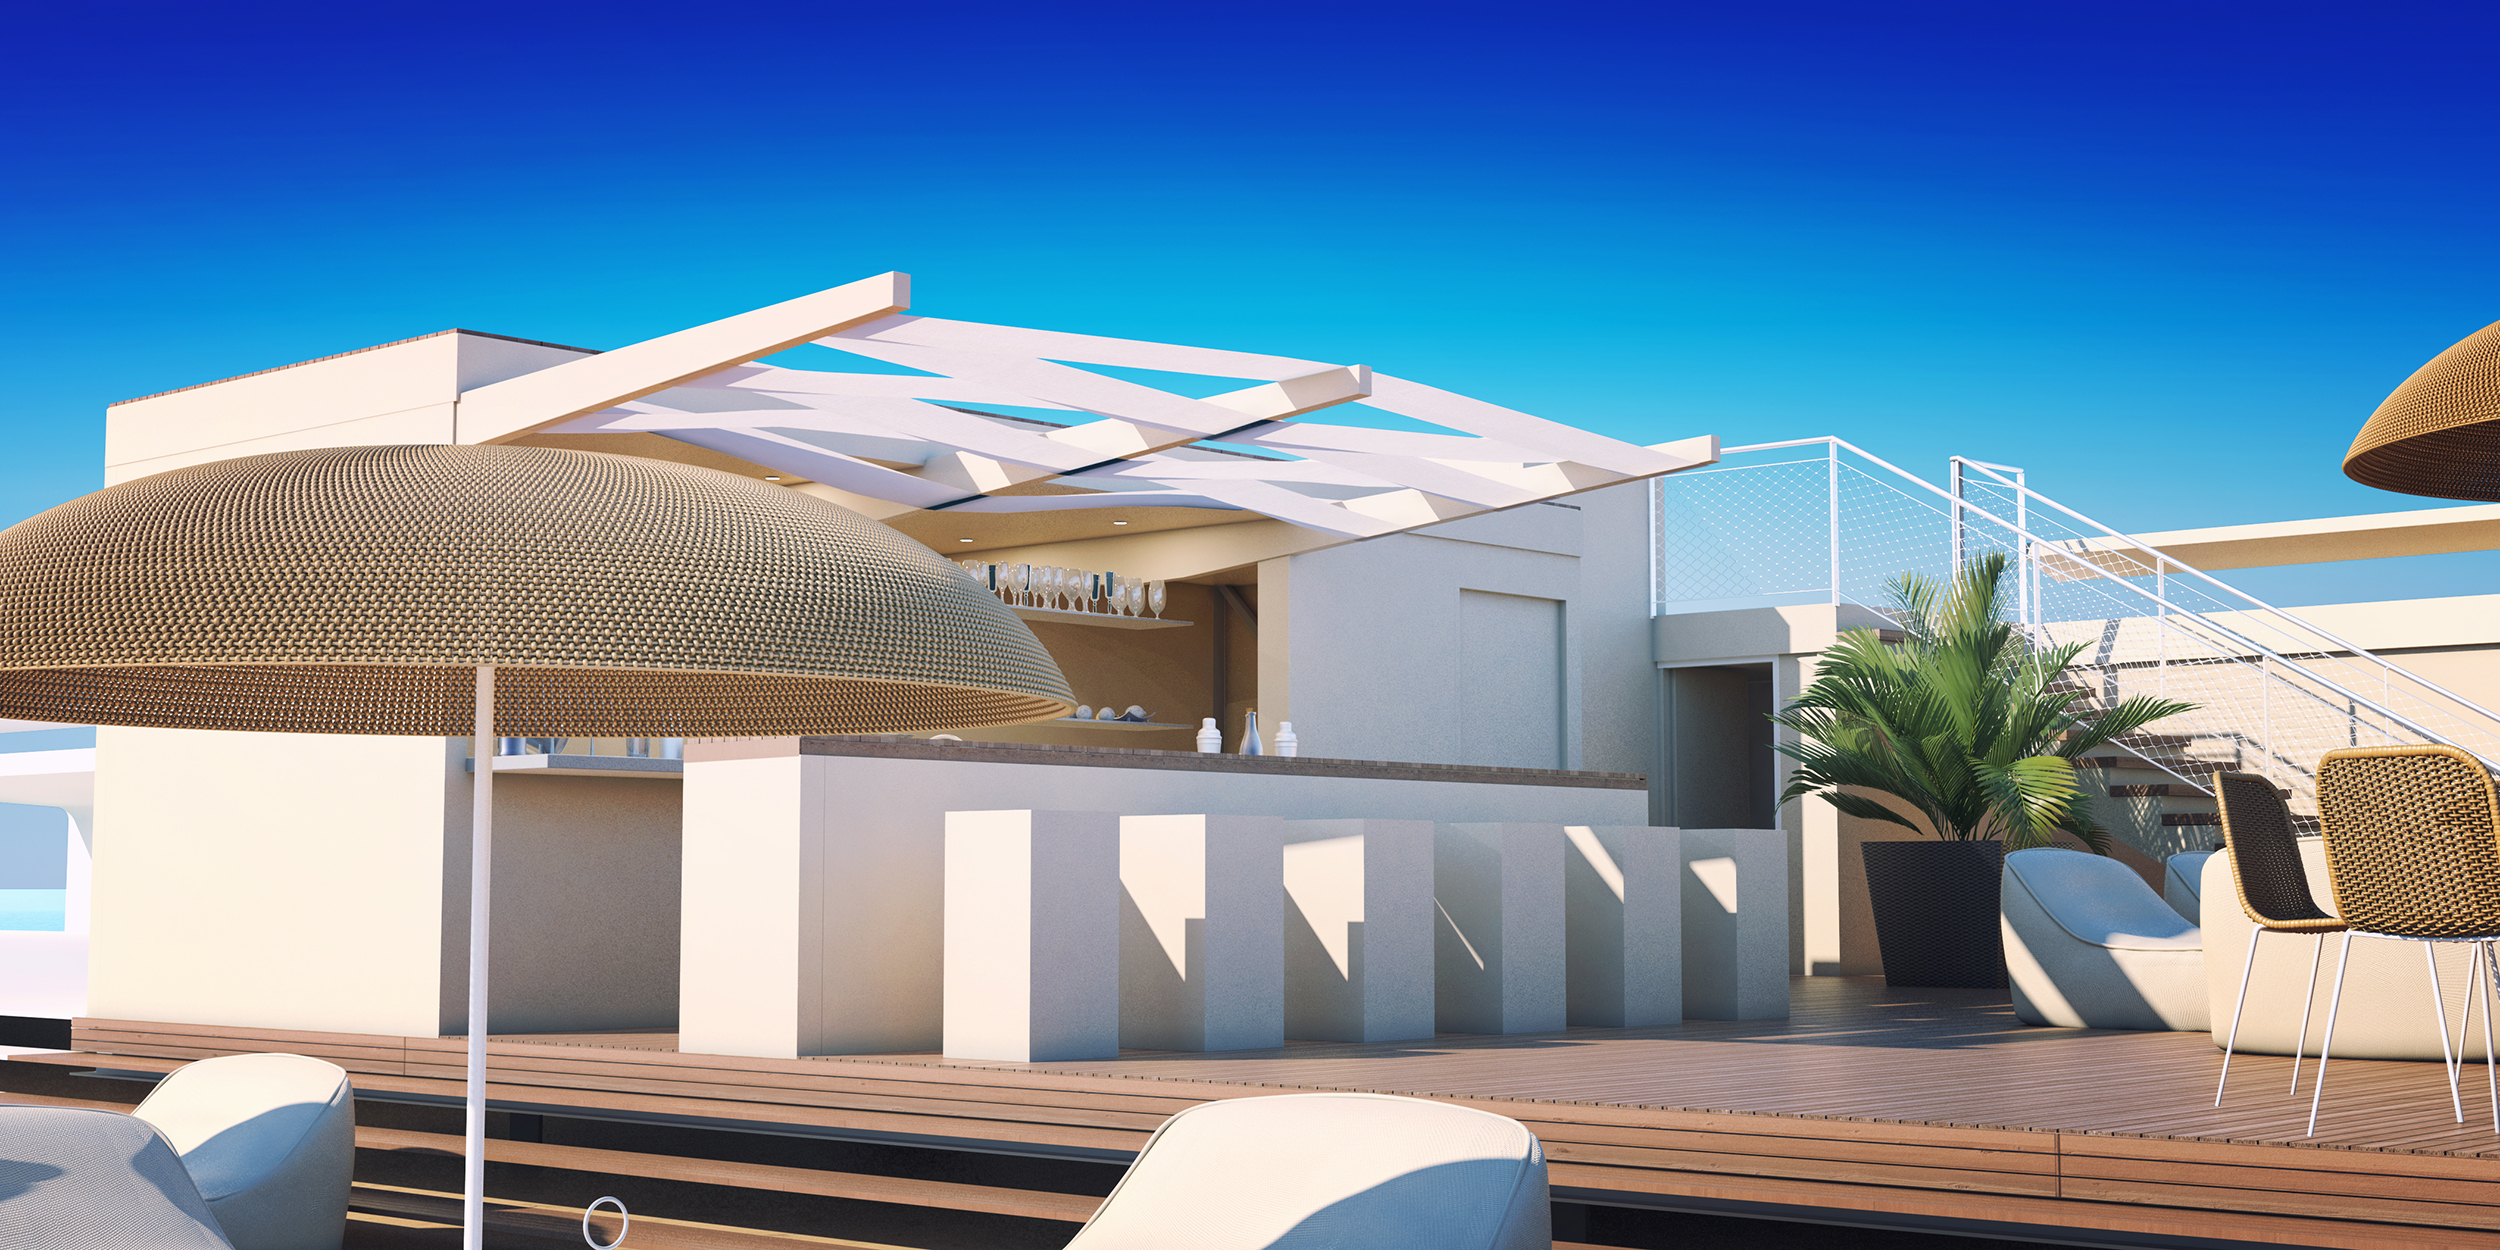 Dripmoon-archvis-graphiste3D-architecture-images-3D-Casino-cannes (6)